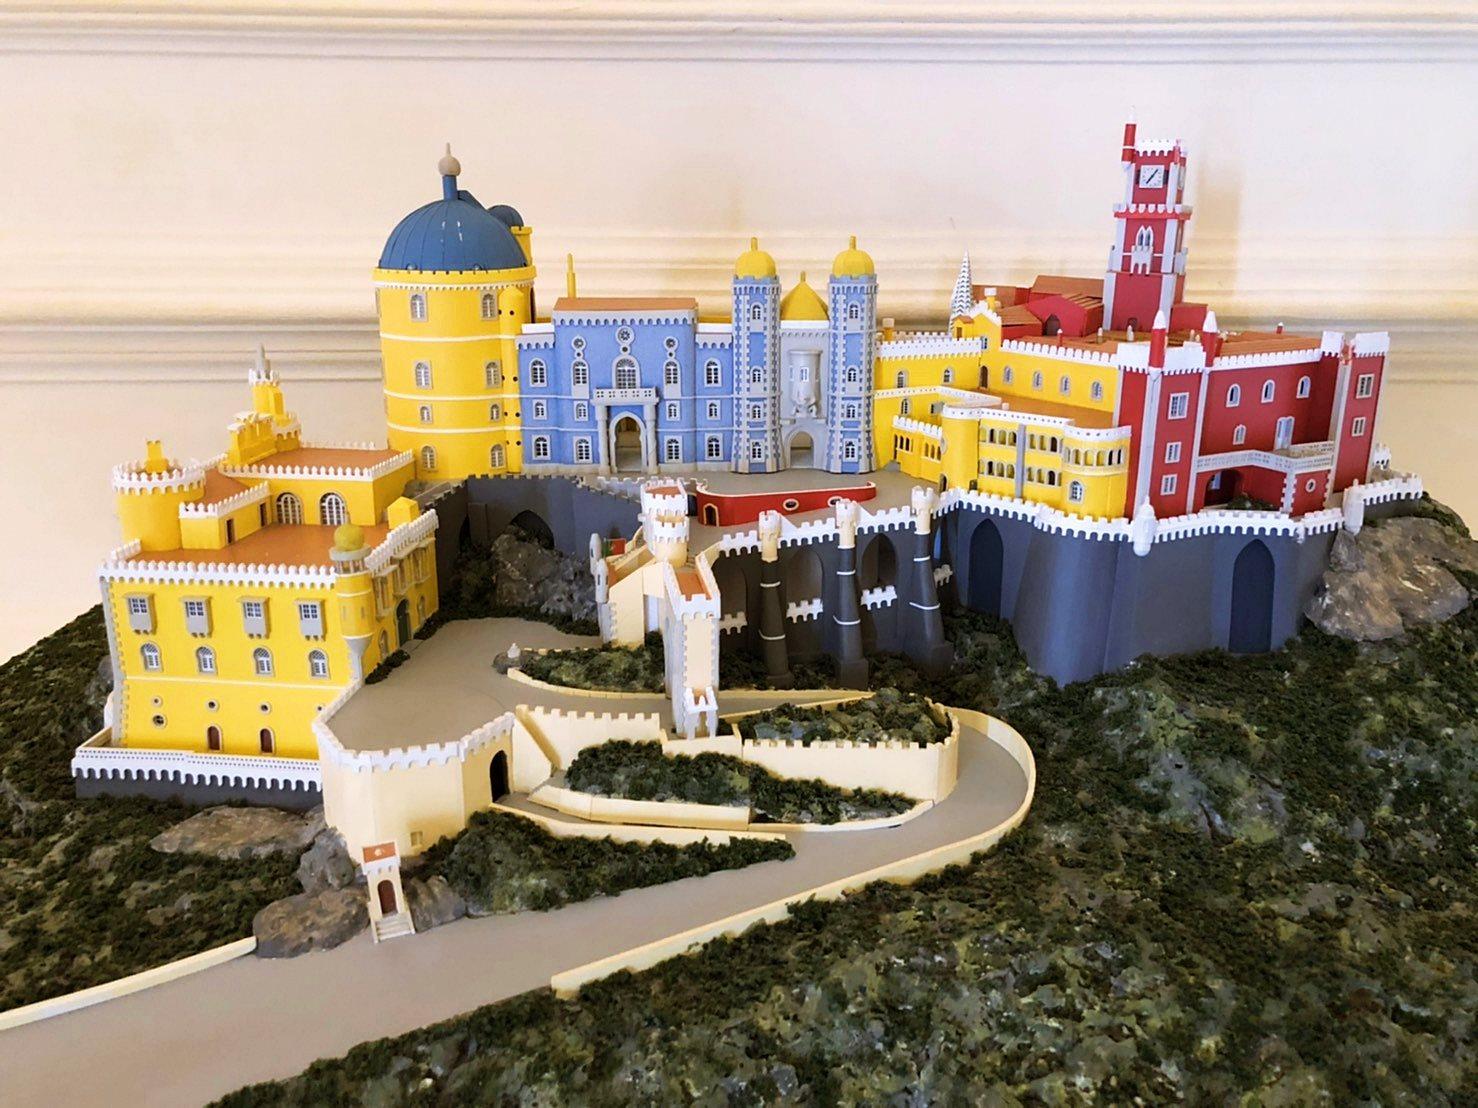 想看整個宮殿就看模型吧(圖片提供/可樂旅遊)